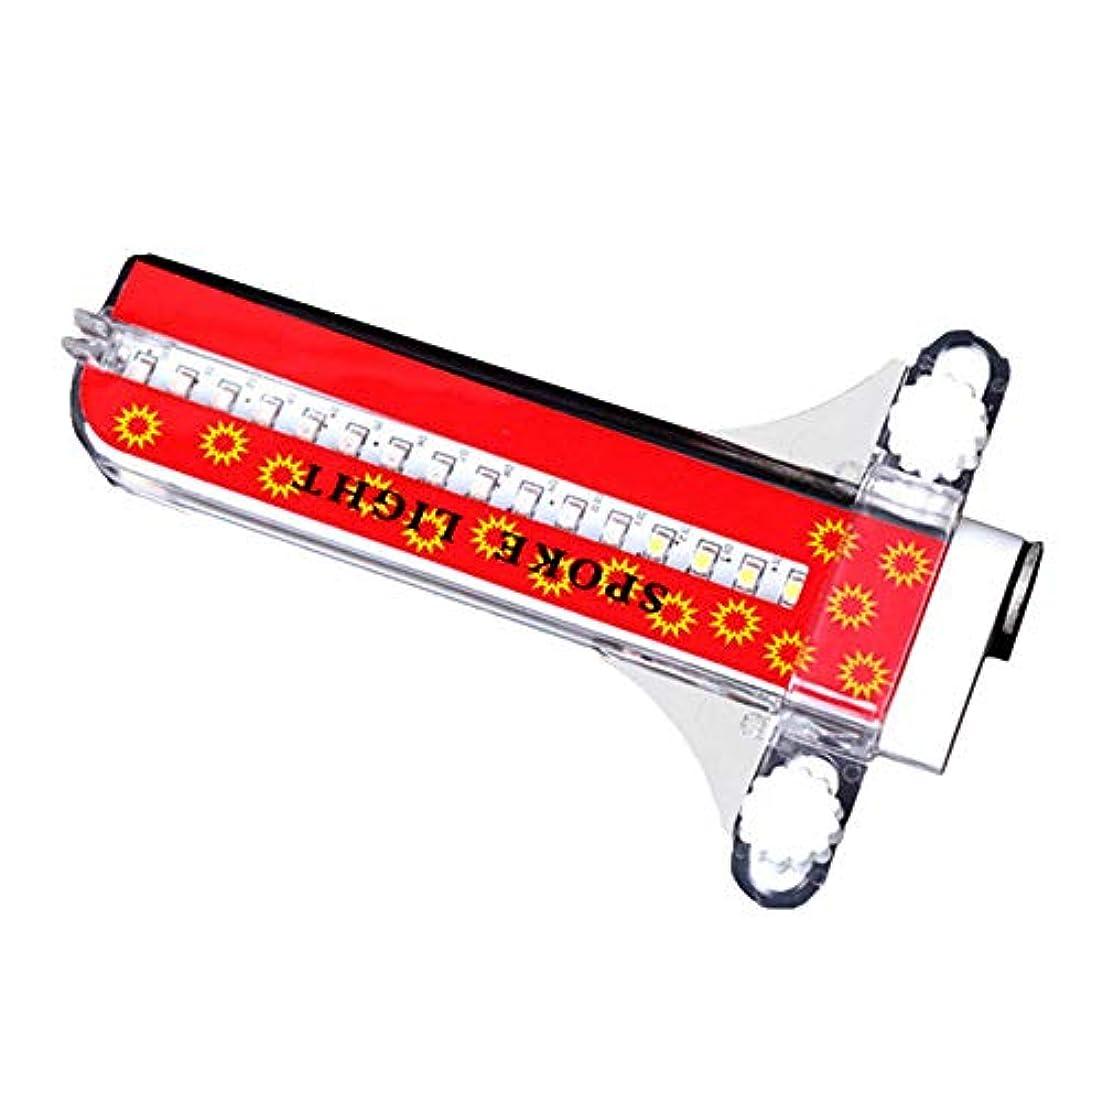 タービン病者負荷発信スタイルの楽しみ色ライト自転車サイクリングホイールスポークライト32 LED 32標準防水